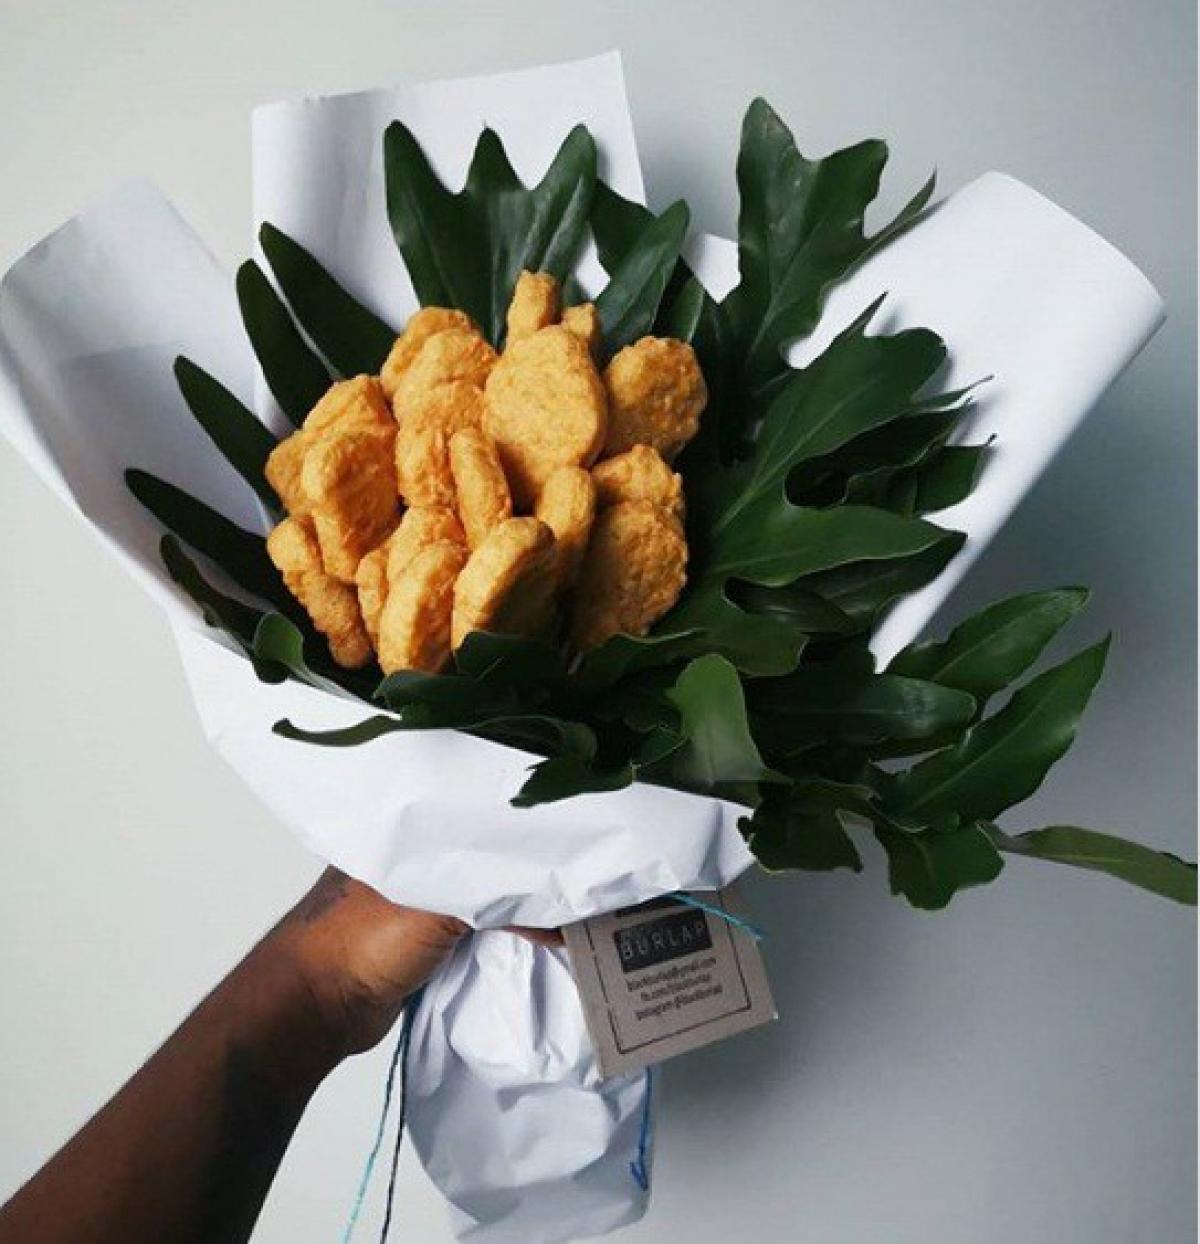 Bó hoa được tạo nên từ các nguyên liệu khá đơn giản như que tre, giấy gói hoa, thức ăn, lá cây...